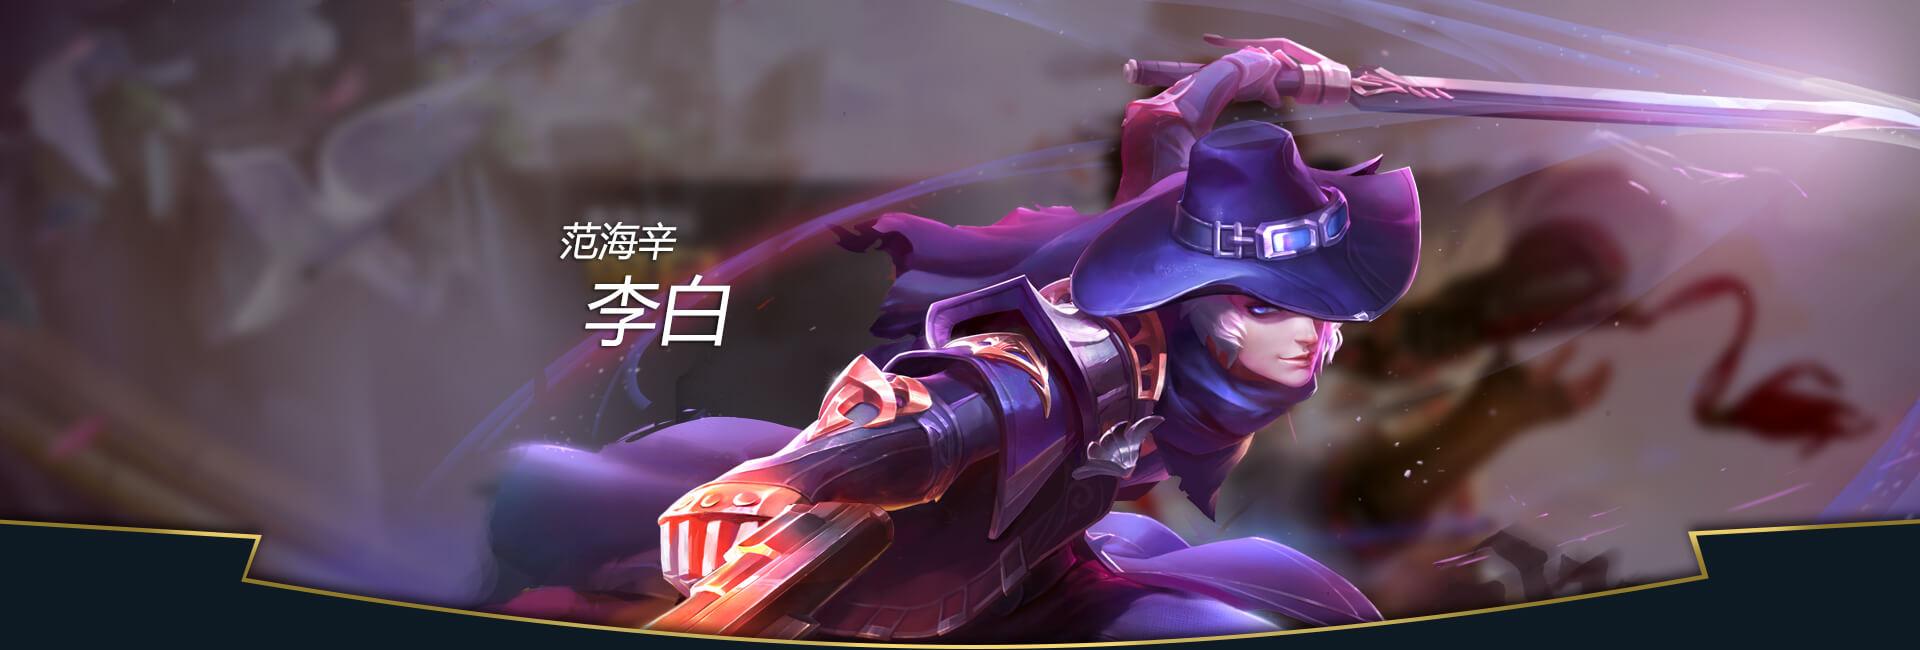 第2弹《王者荣耀英雄皮肤CG》竞技游戏108